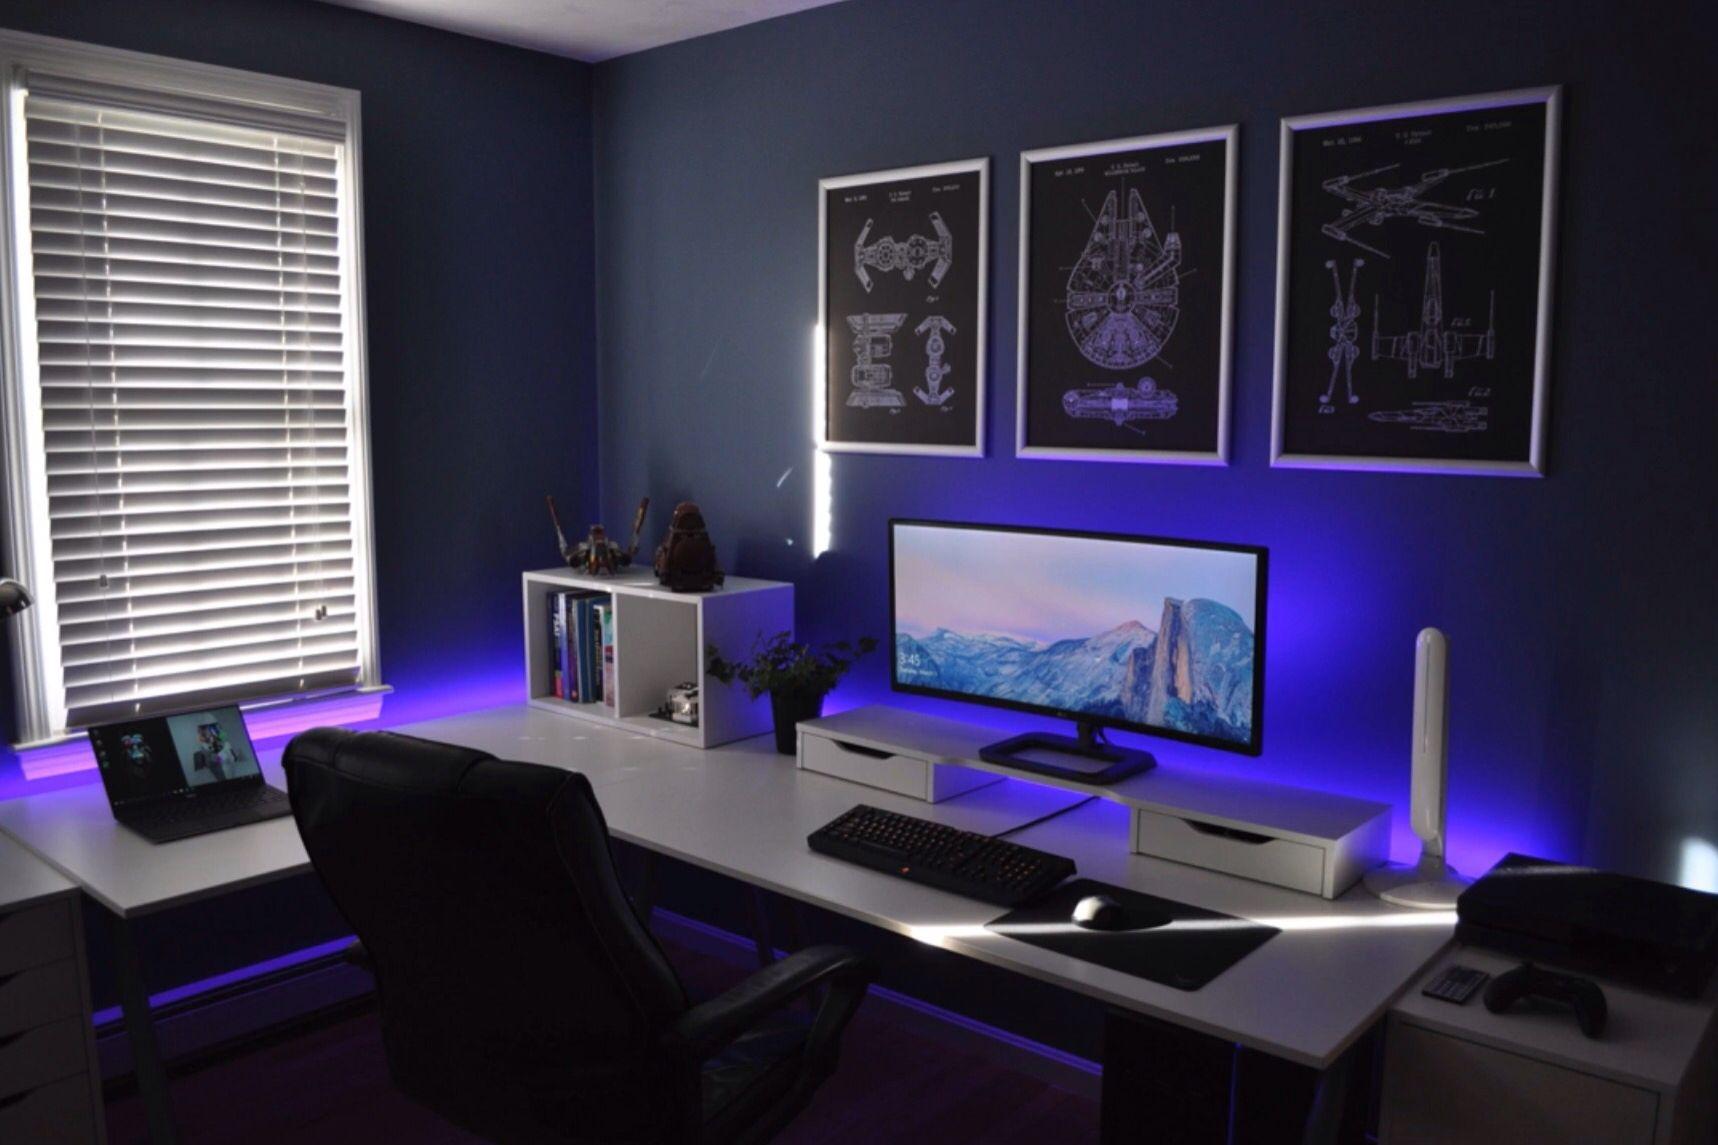 sch ne umsetzung von moodlight mit einem monitor au erdem gefallen mir die star wars poster an. Black Bedroom Furniture Sets. Home Design Ideas